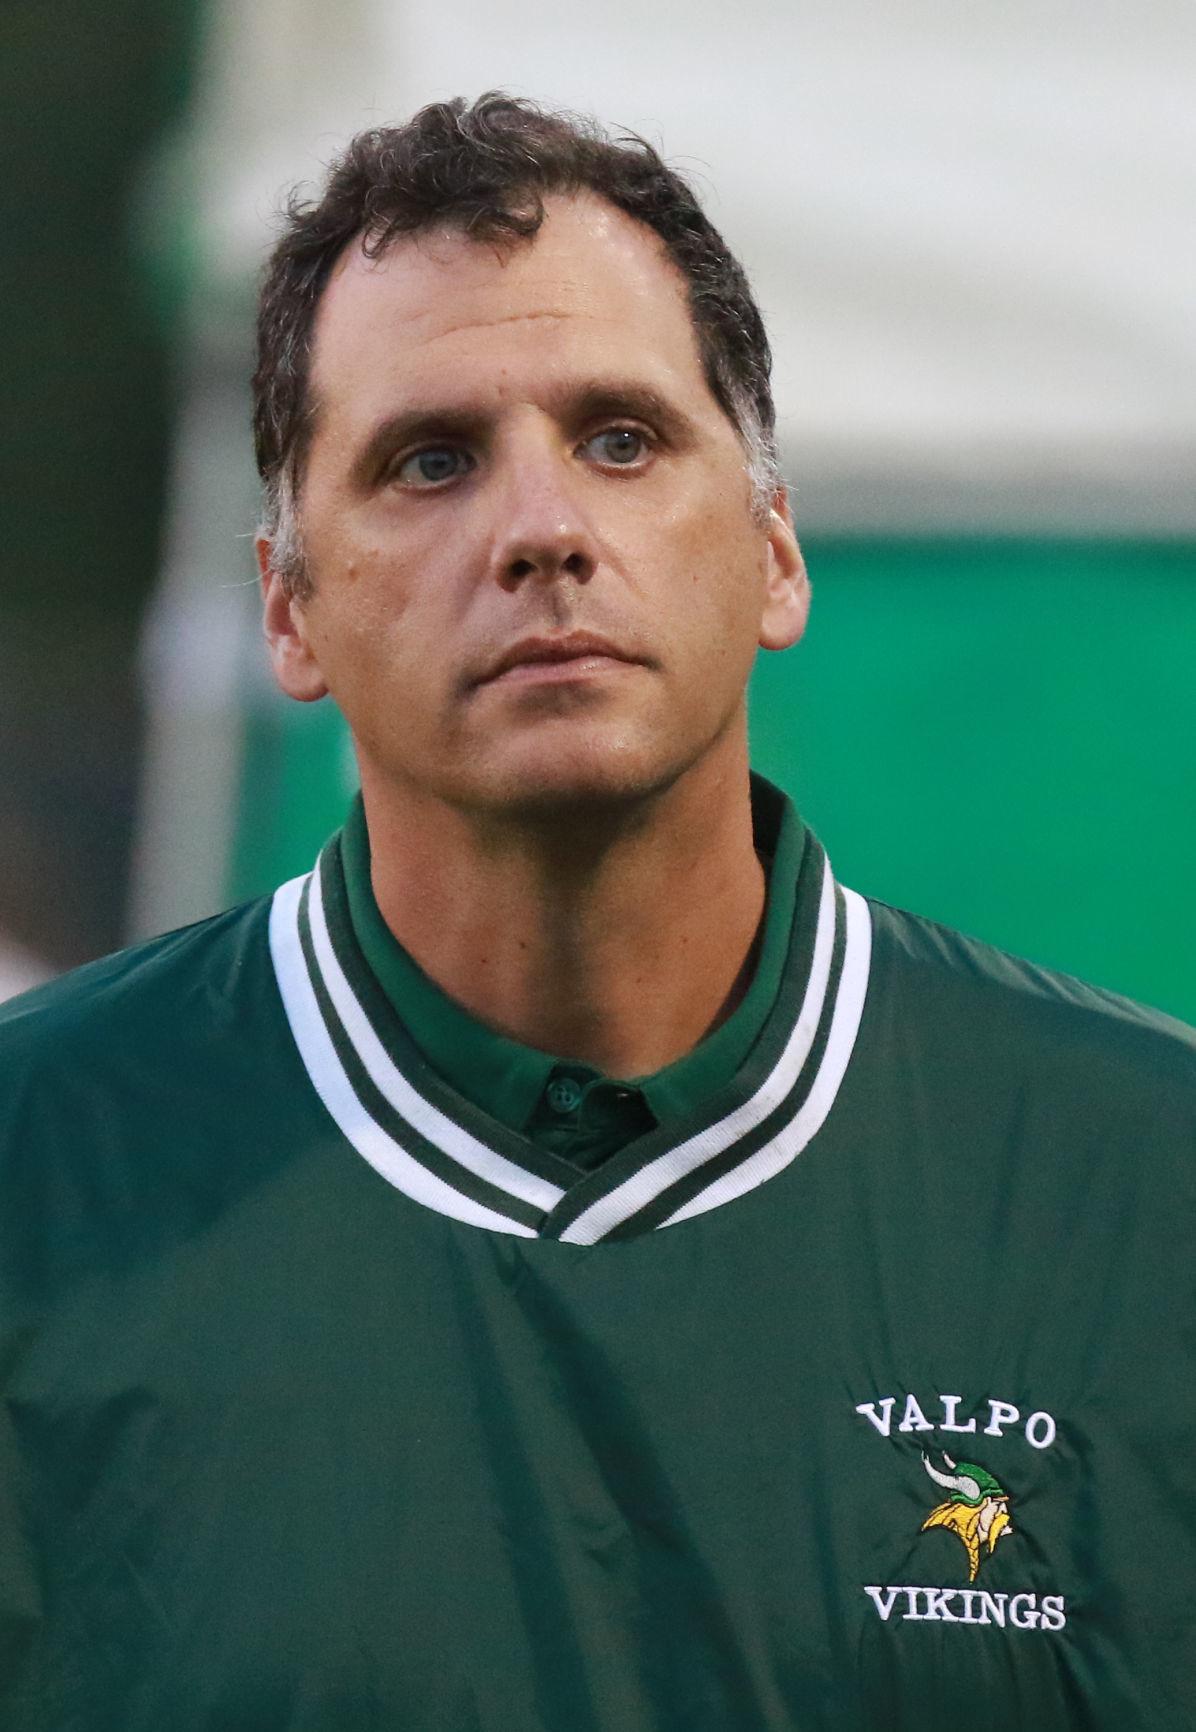 Valparaiso girls soccer coach Rob Cespedes